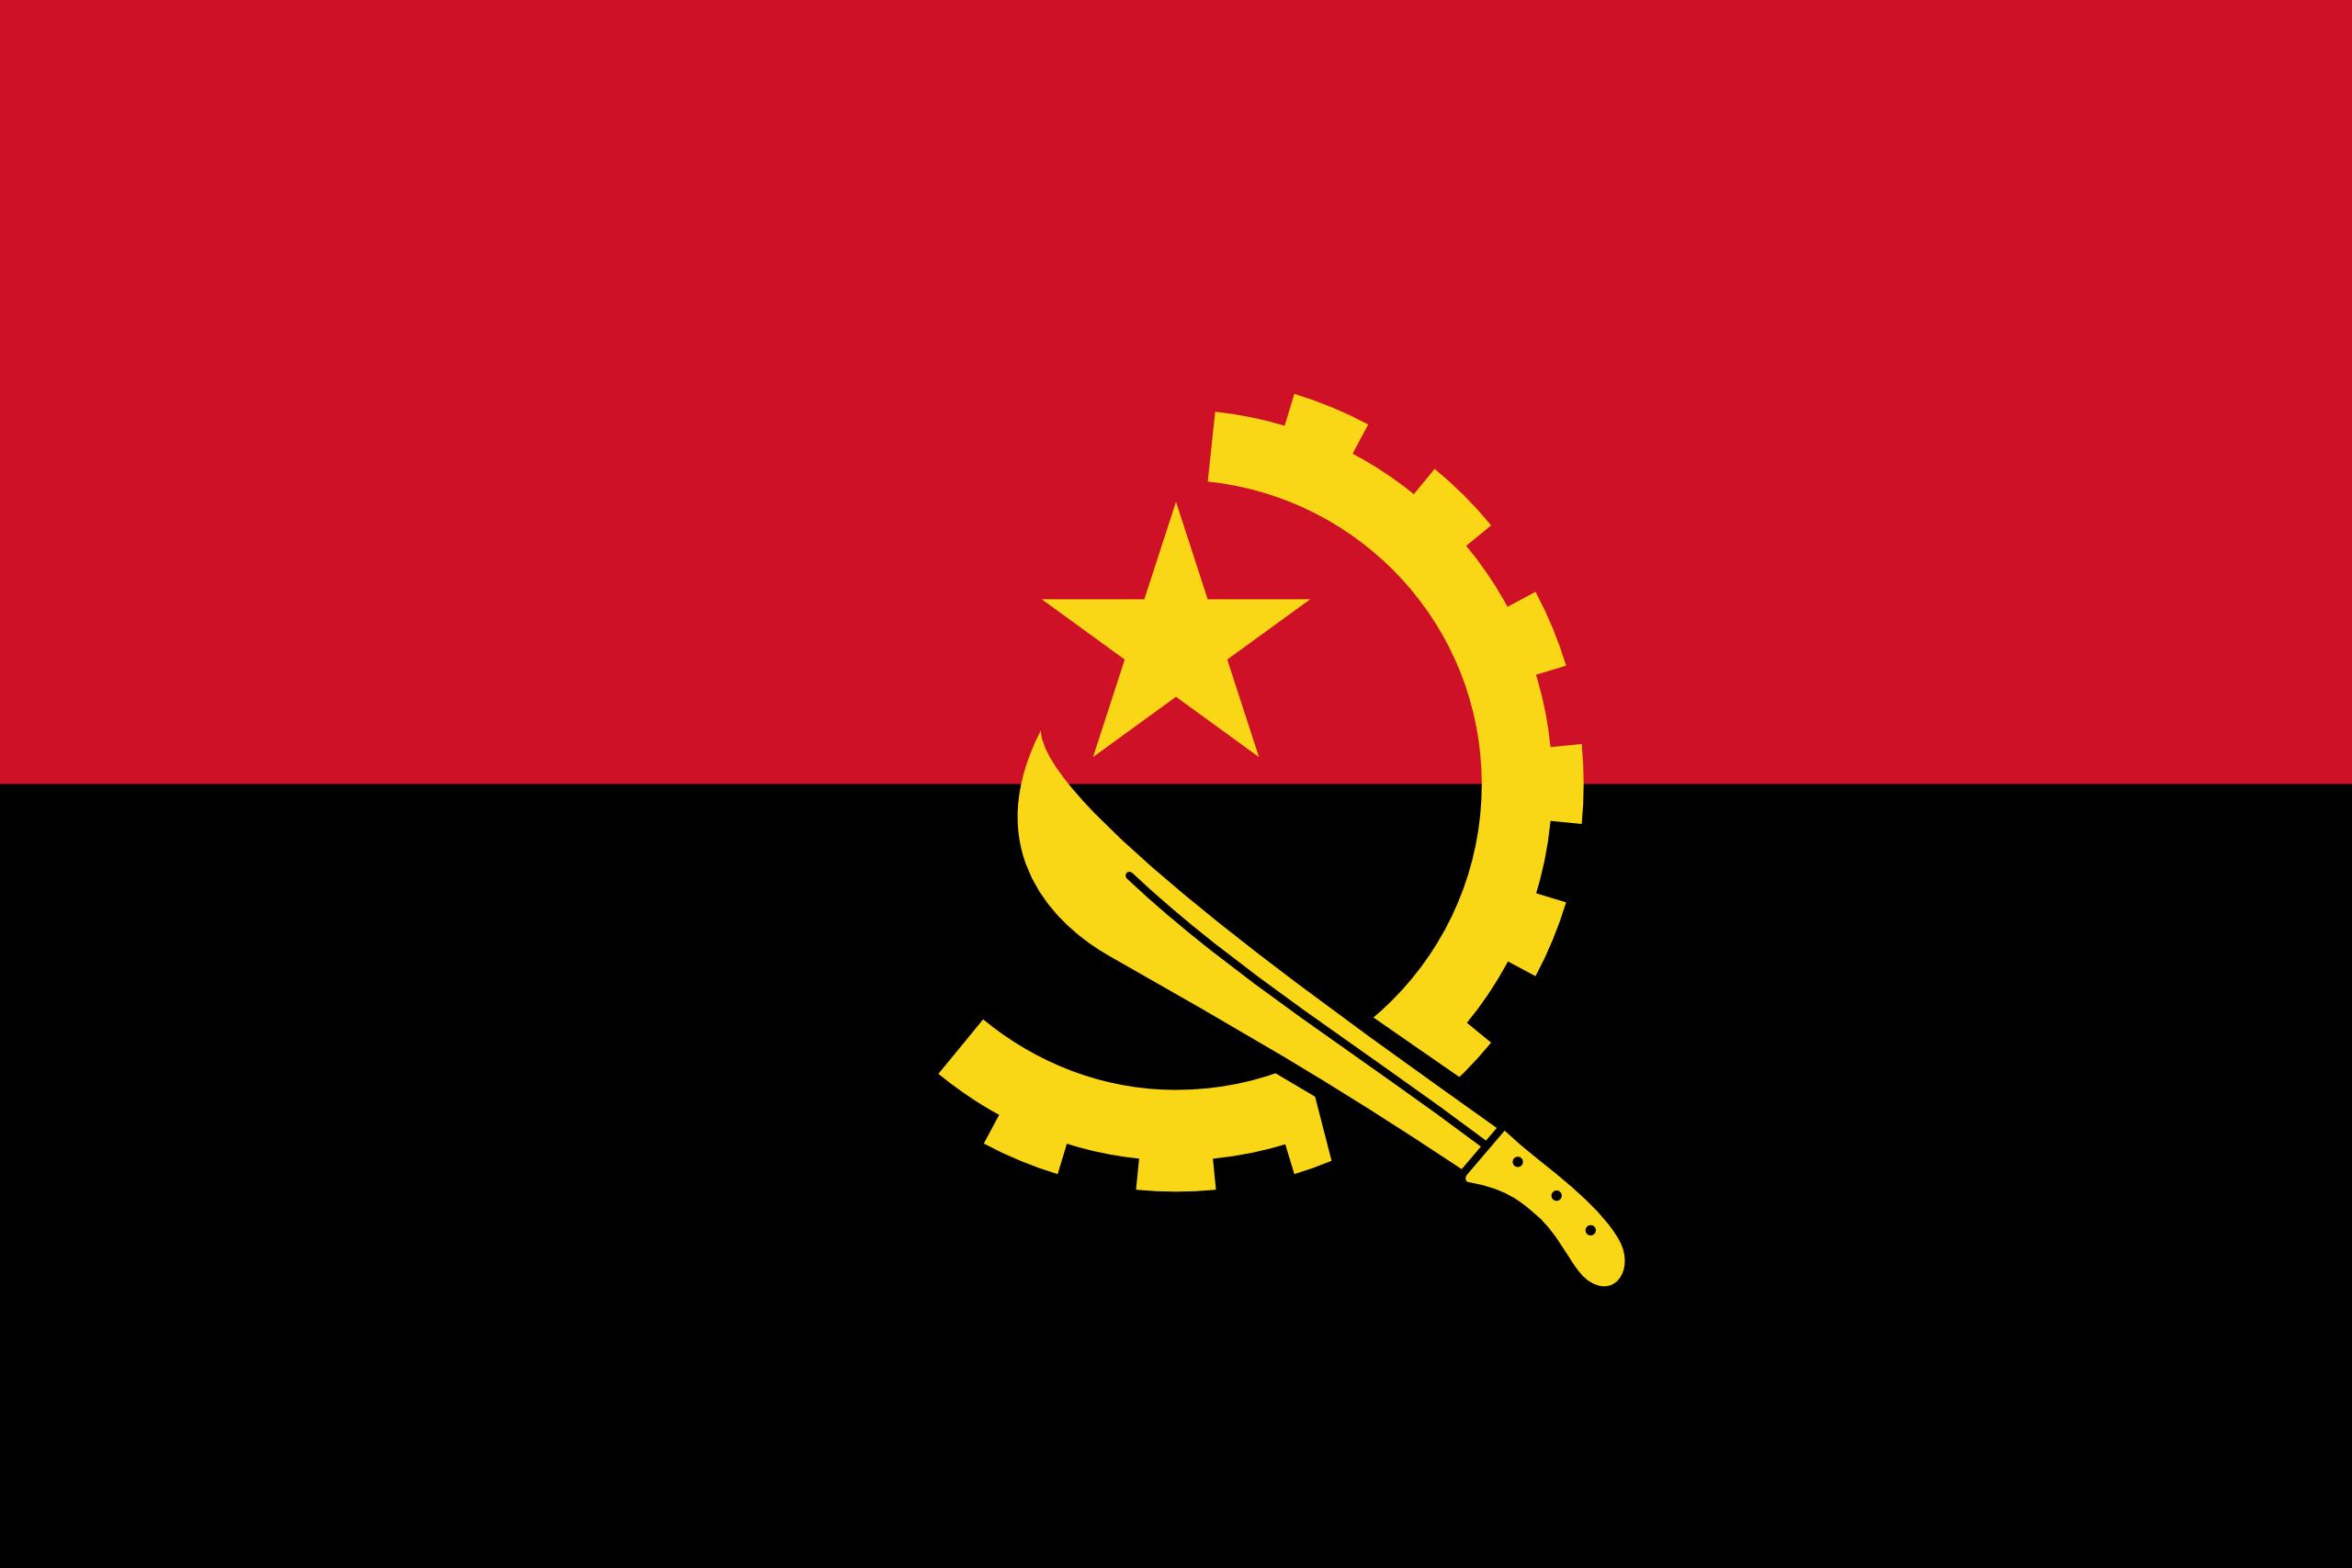 Angola, país, Brasão de armas, logotipo, símbolo - Papéis de parede HD - Professor-falken.com